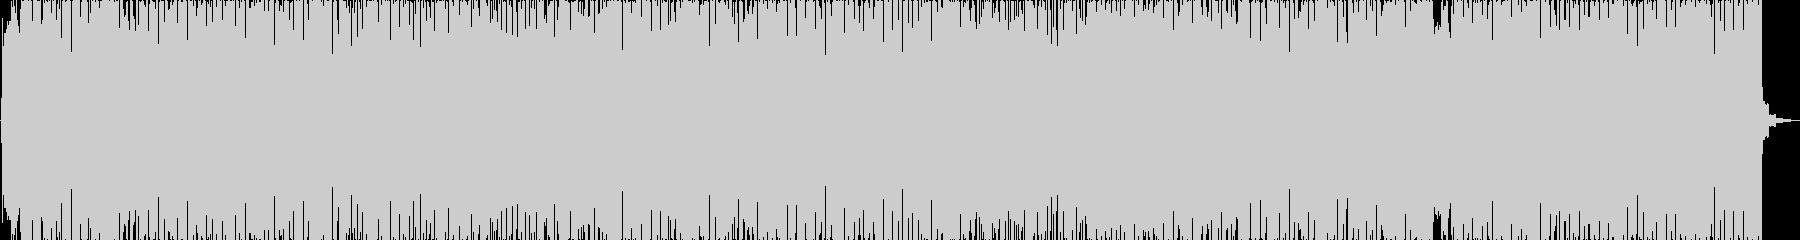 ボーナスステージ的ハッピーBGM の未再生の波形